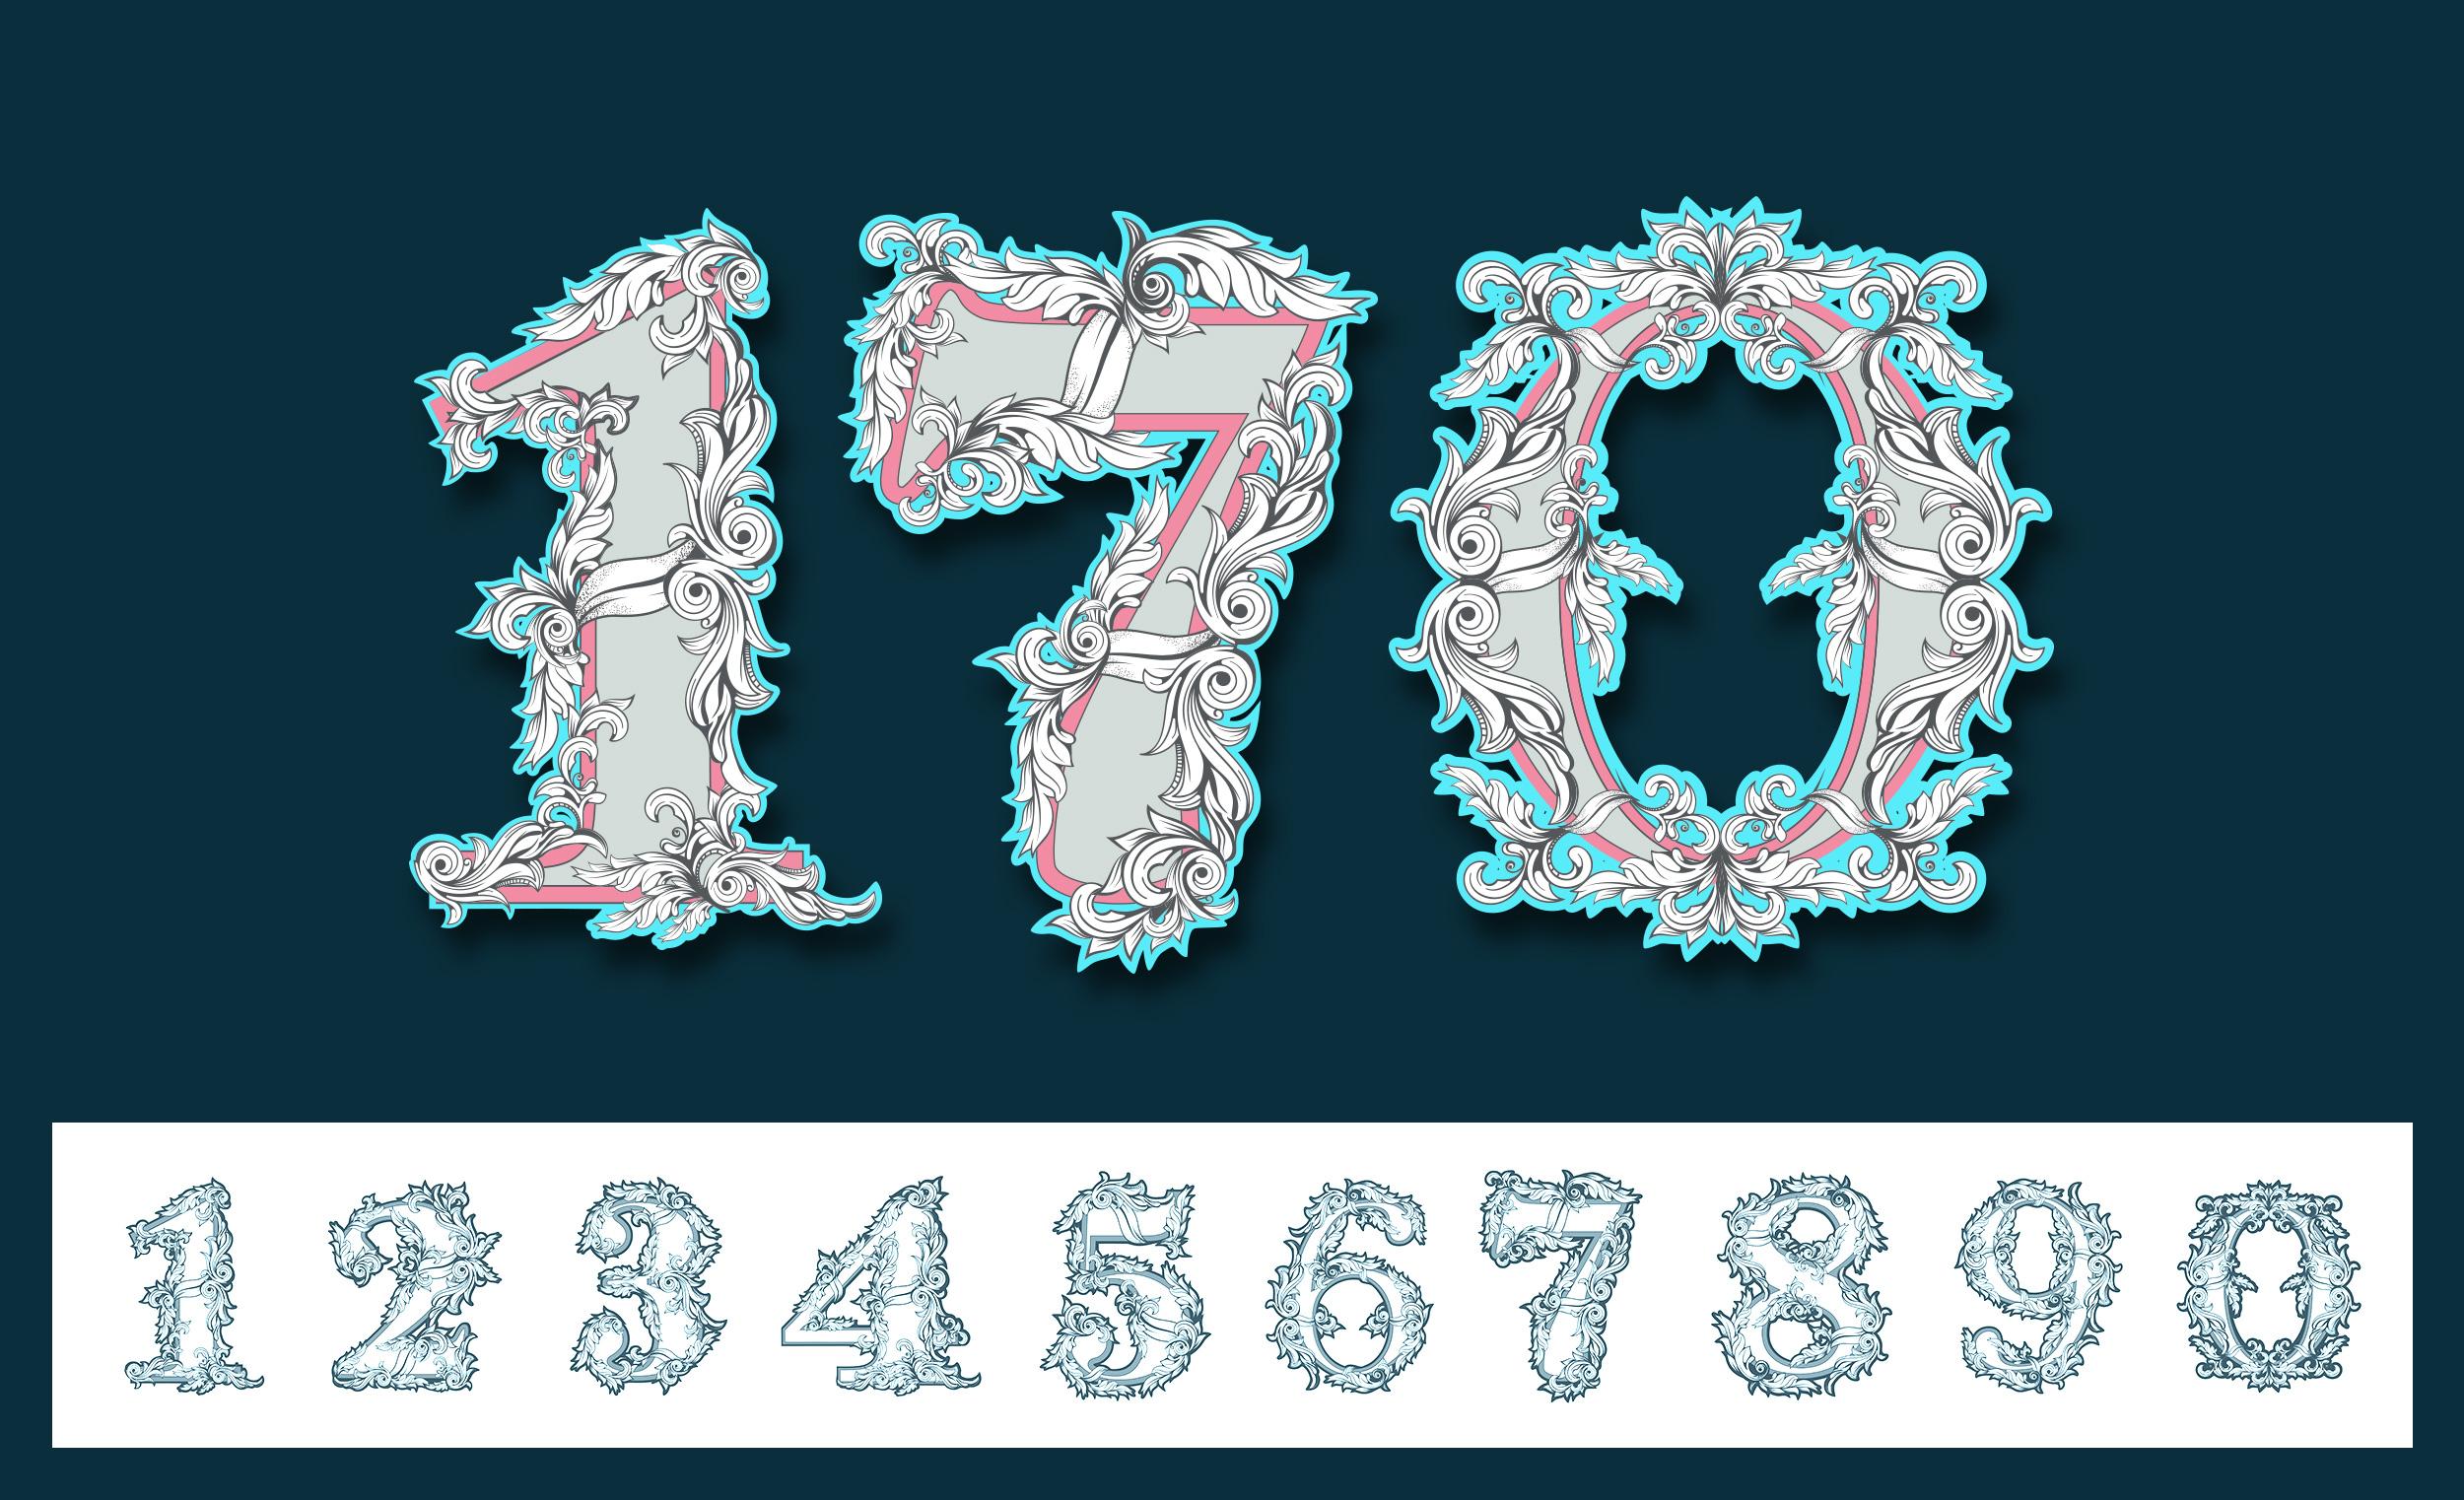 Beispiel zur Verwendung der Zahlen-Vorlagen: Verzierte Ziffern für Geburtstagszahlen und Jubiläumszahlen